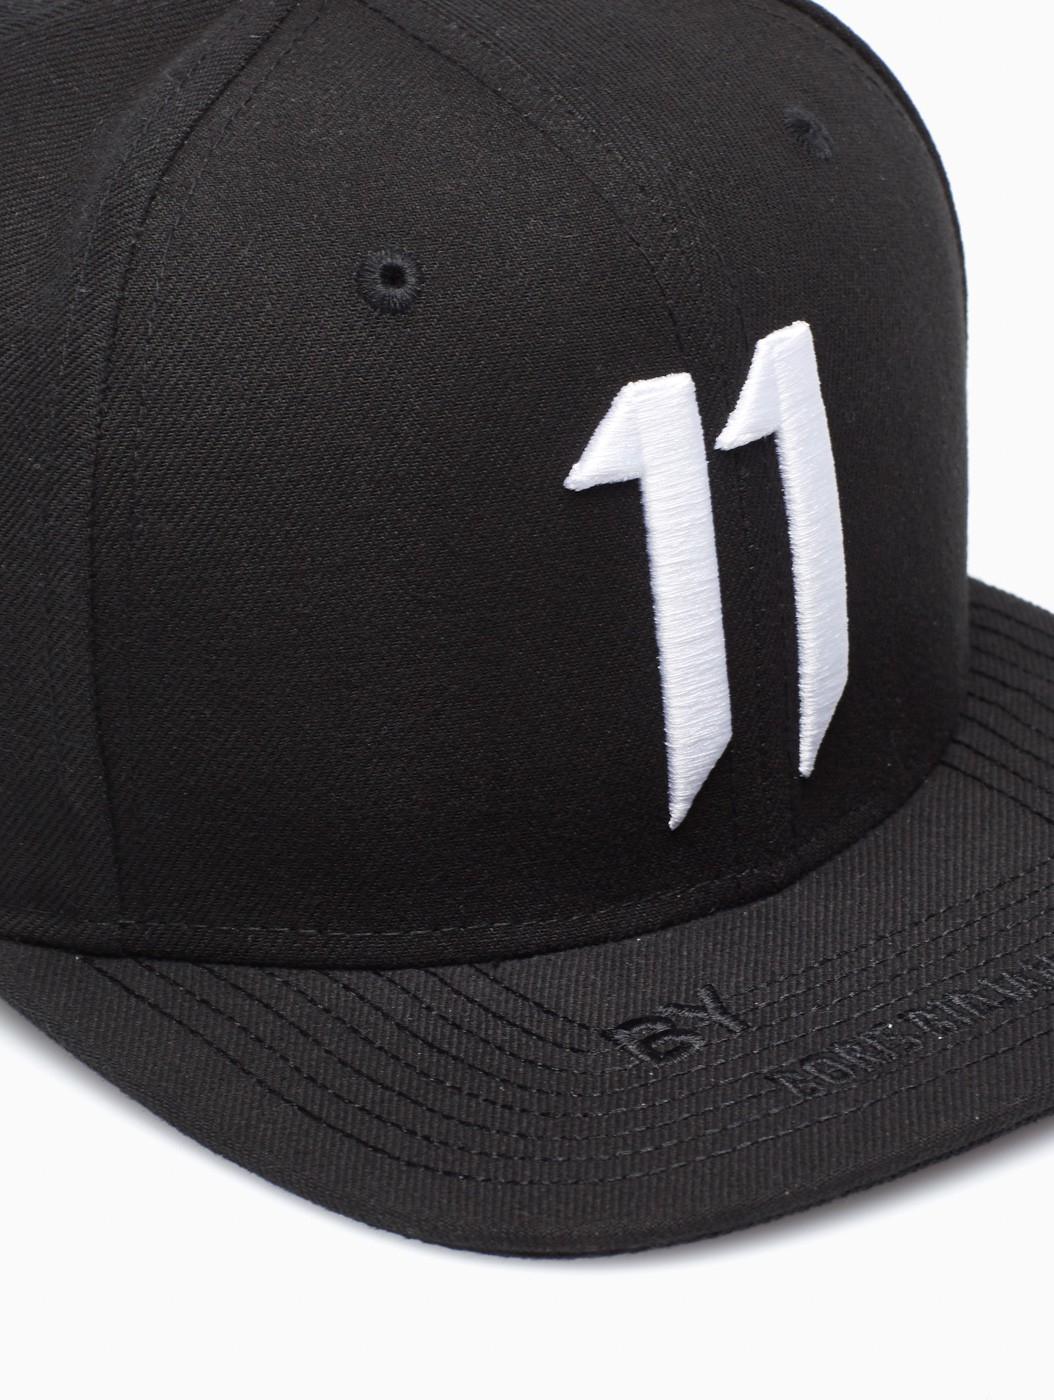 Lyst - Boris Bidjan Saberi 11 Cap in Black for Men 8d7c02063f5e